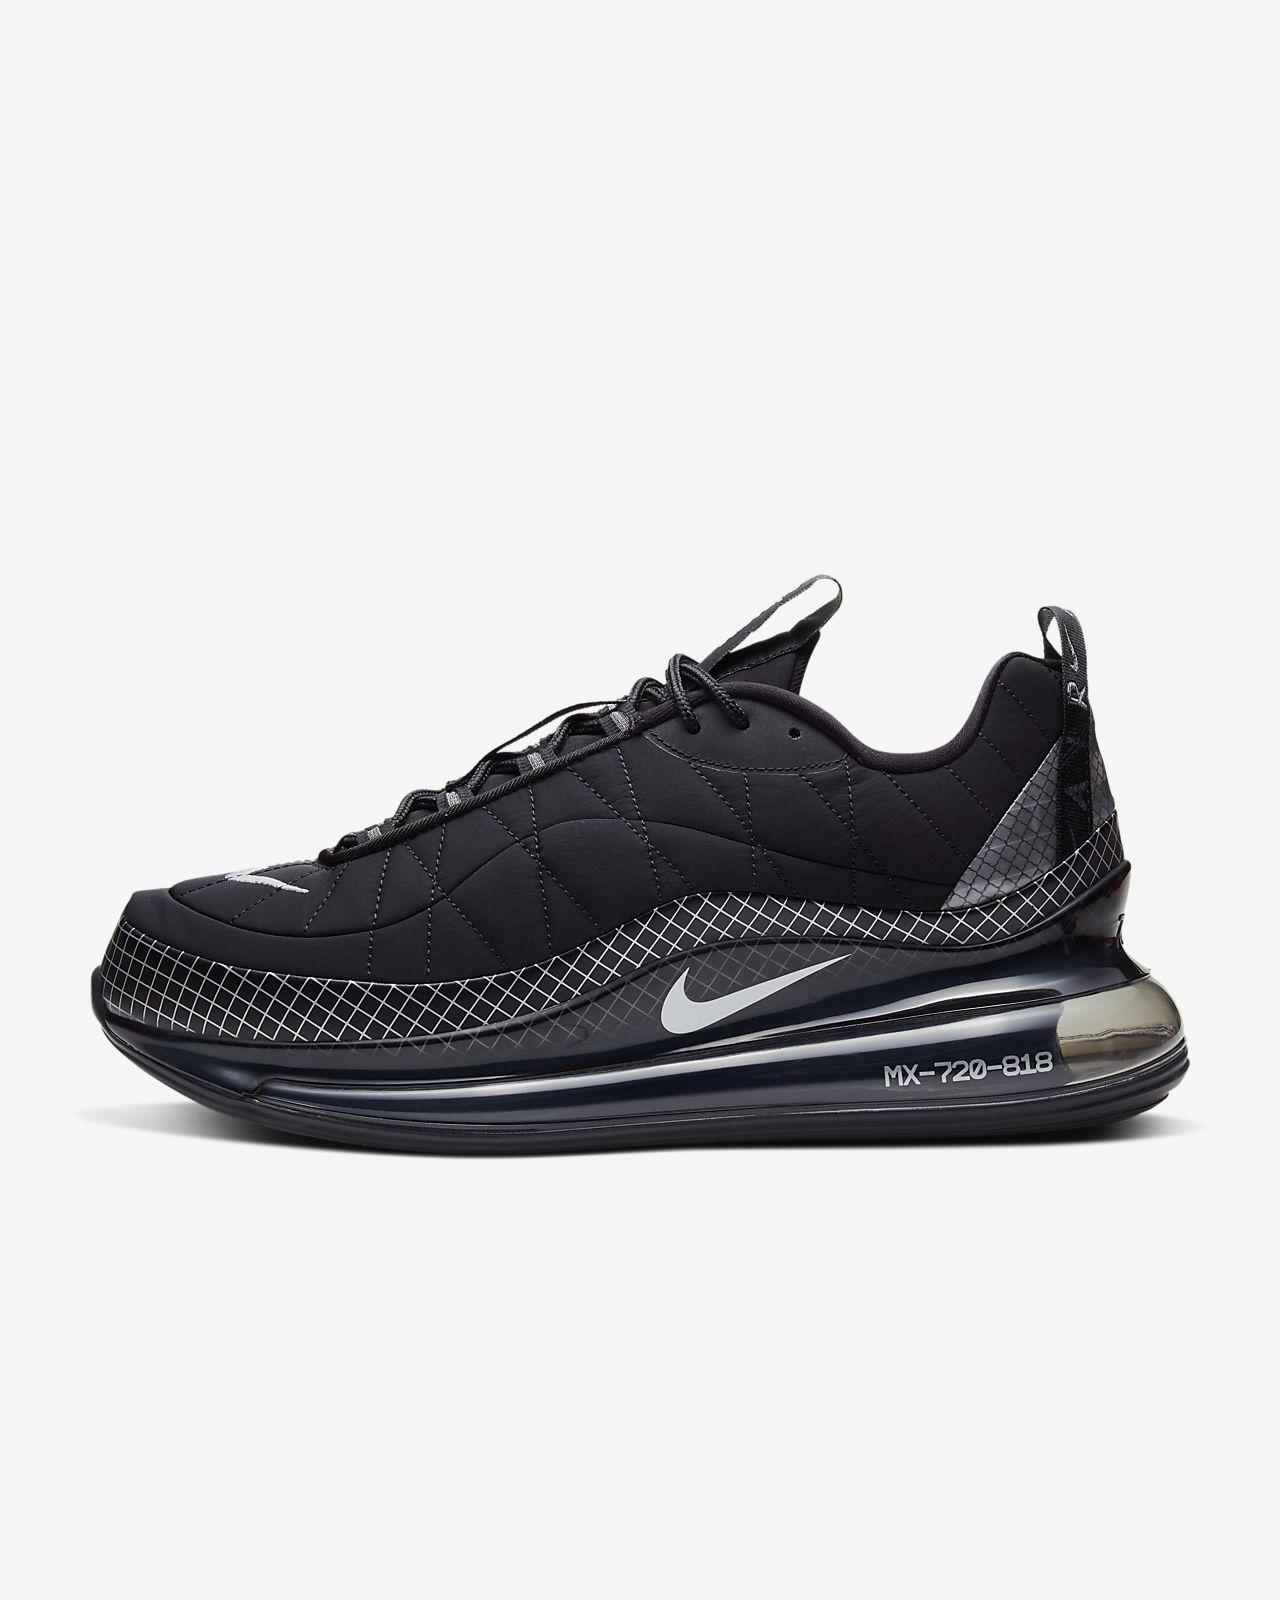 Nike MX-720-818 Herrenschuh